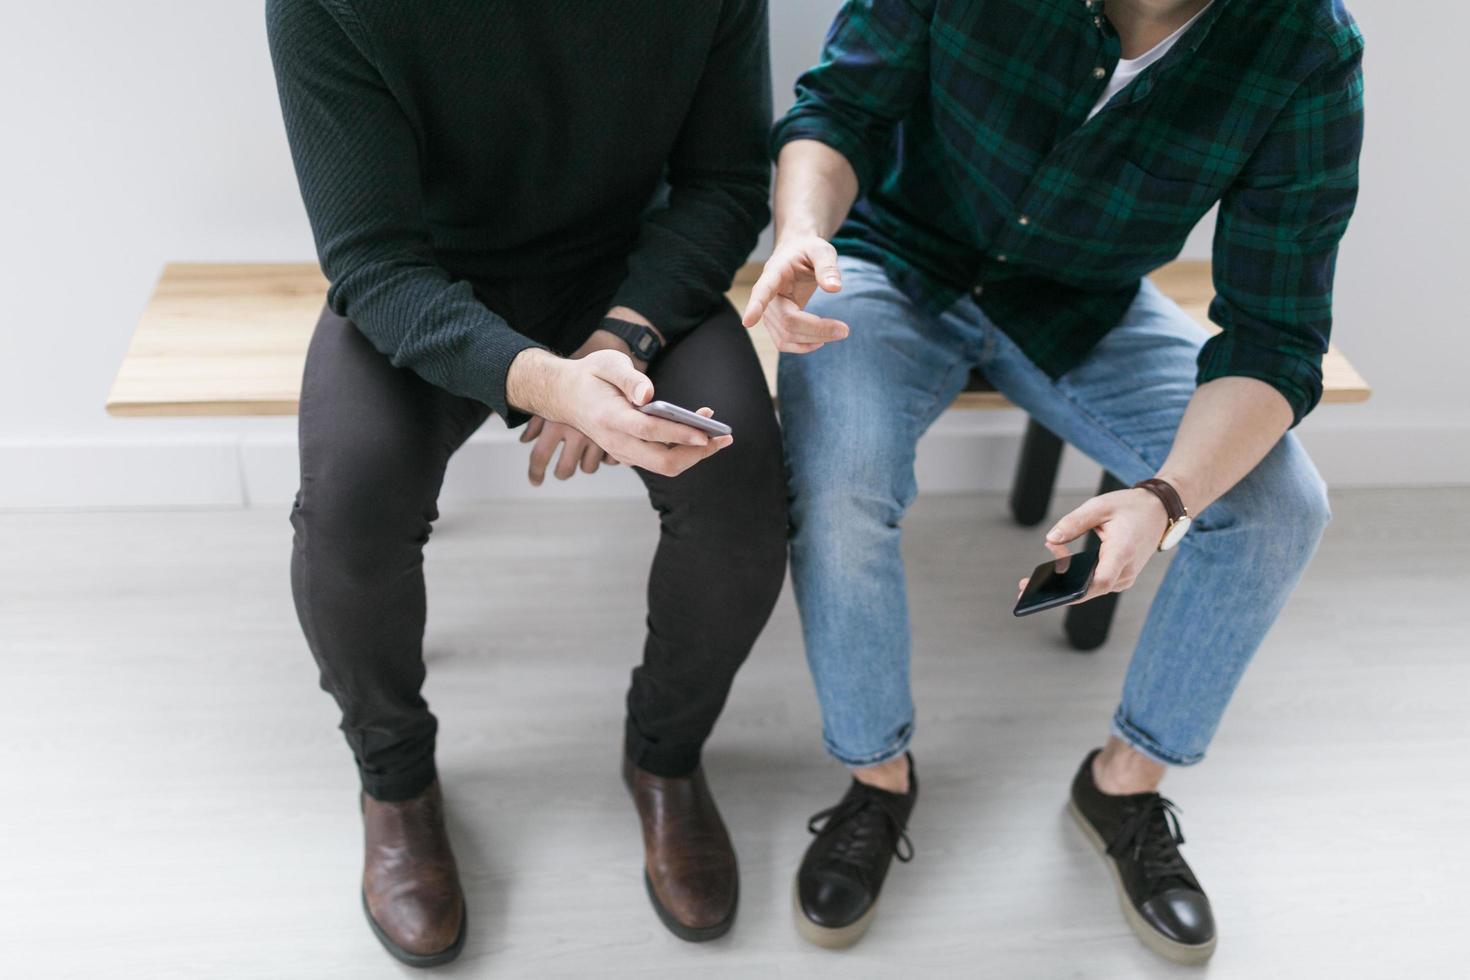 jeunes hommes ayant une conversation photo